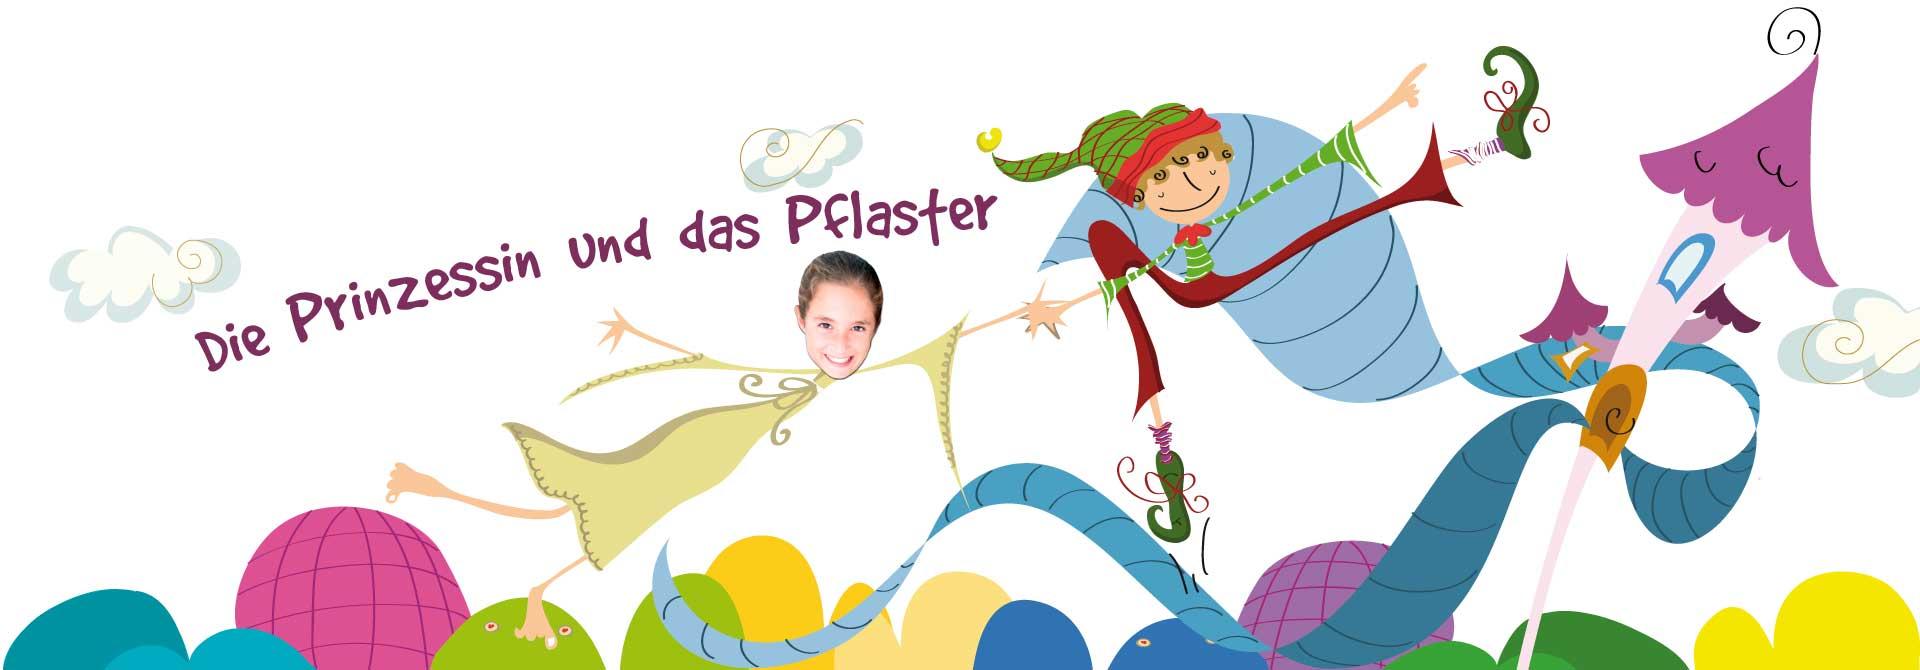 Persönliches kinderbuch: Die Geschichte der Prinzessinnen - Produkt- Kopfzeile